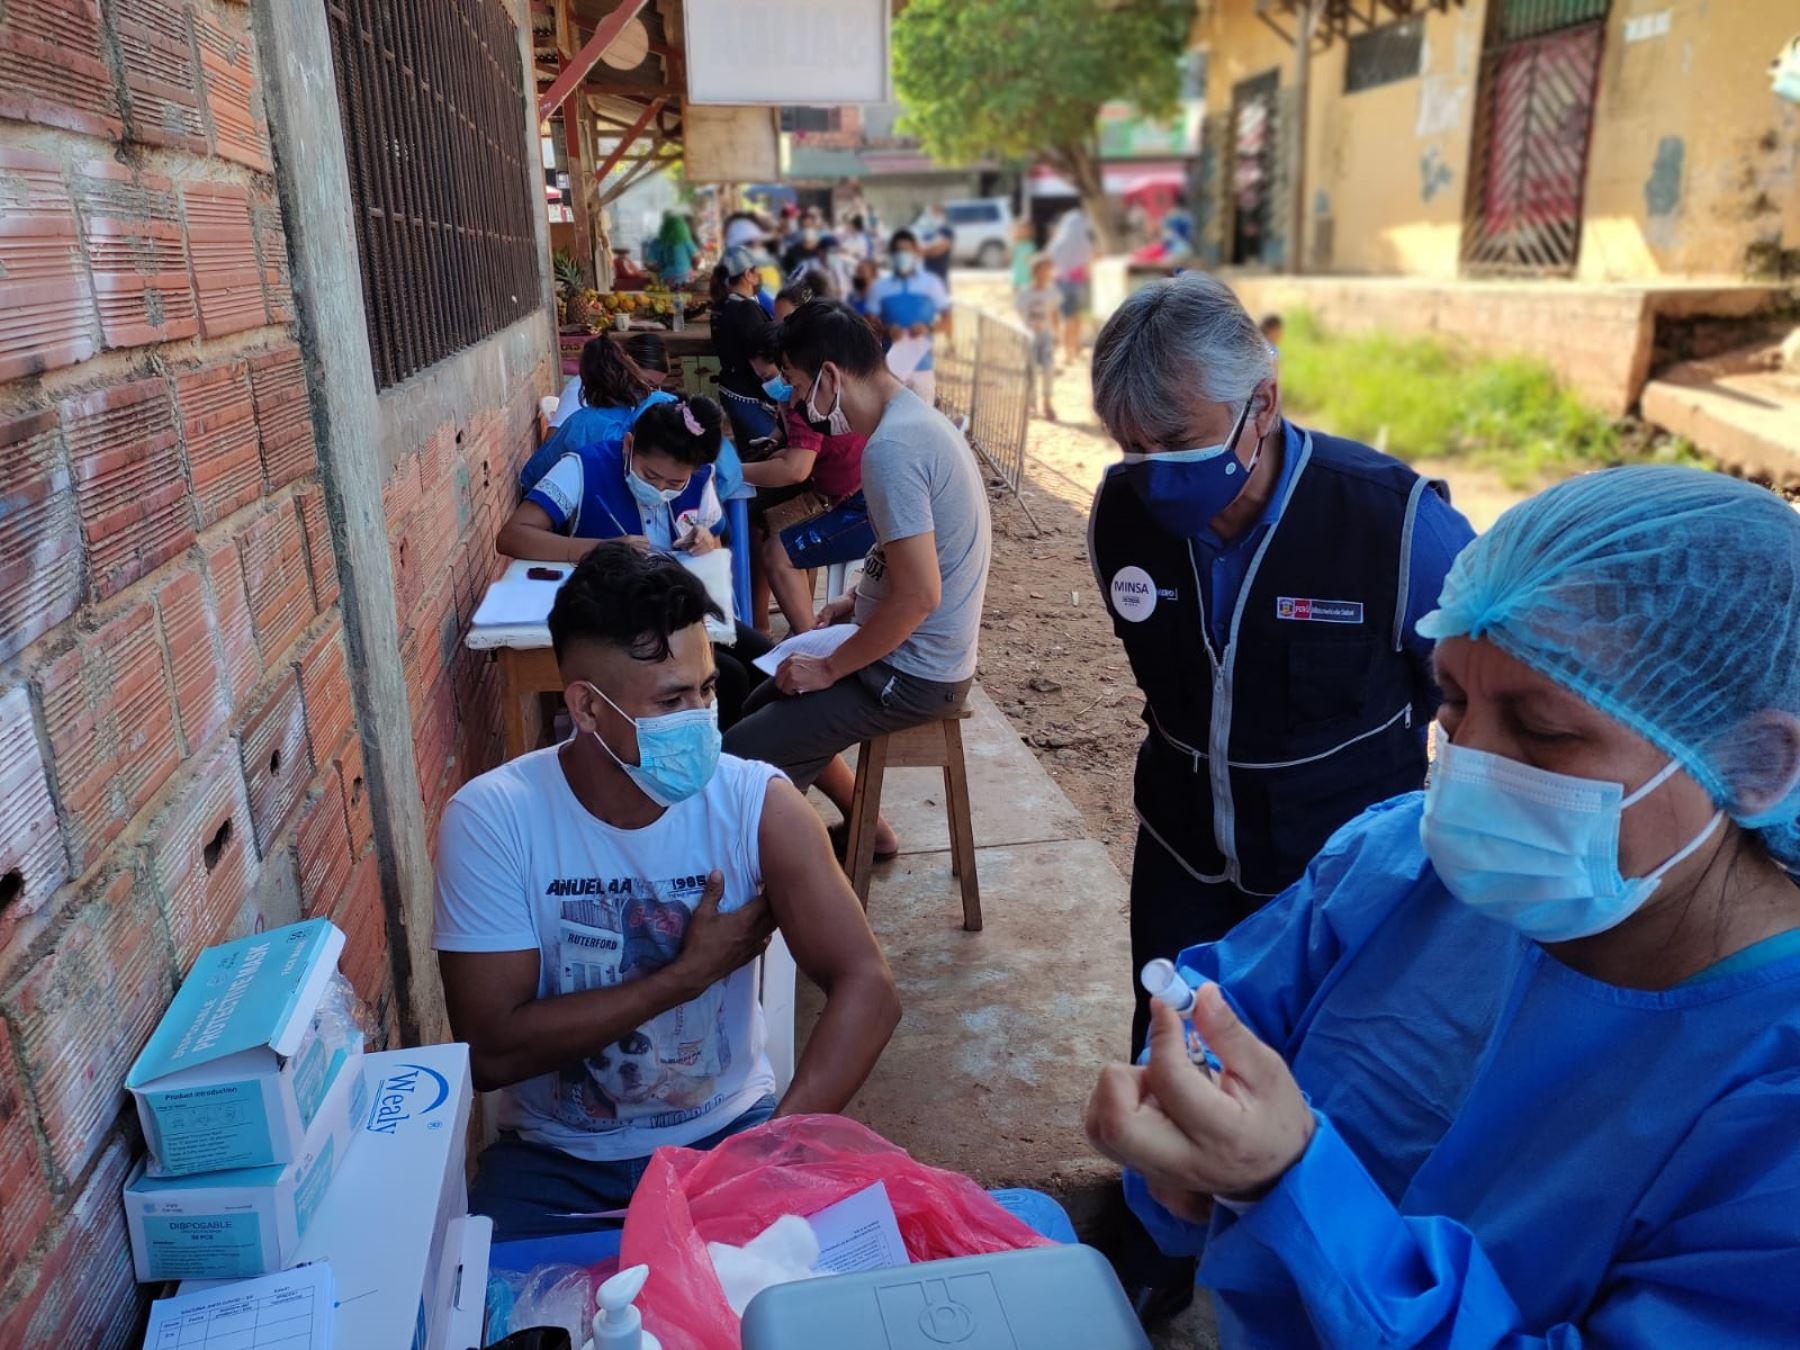 Vceministro de Prestaciones y Aseguramiento en Salud del Ministerio de Salud (Minsa), Bernardo Ostos Jara, supervisa vacunación en la ciudad de Pucallpa (Ucayali).